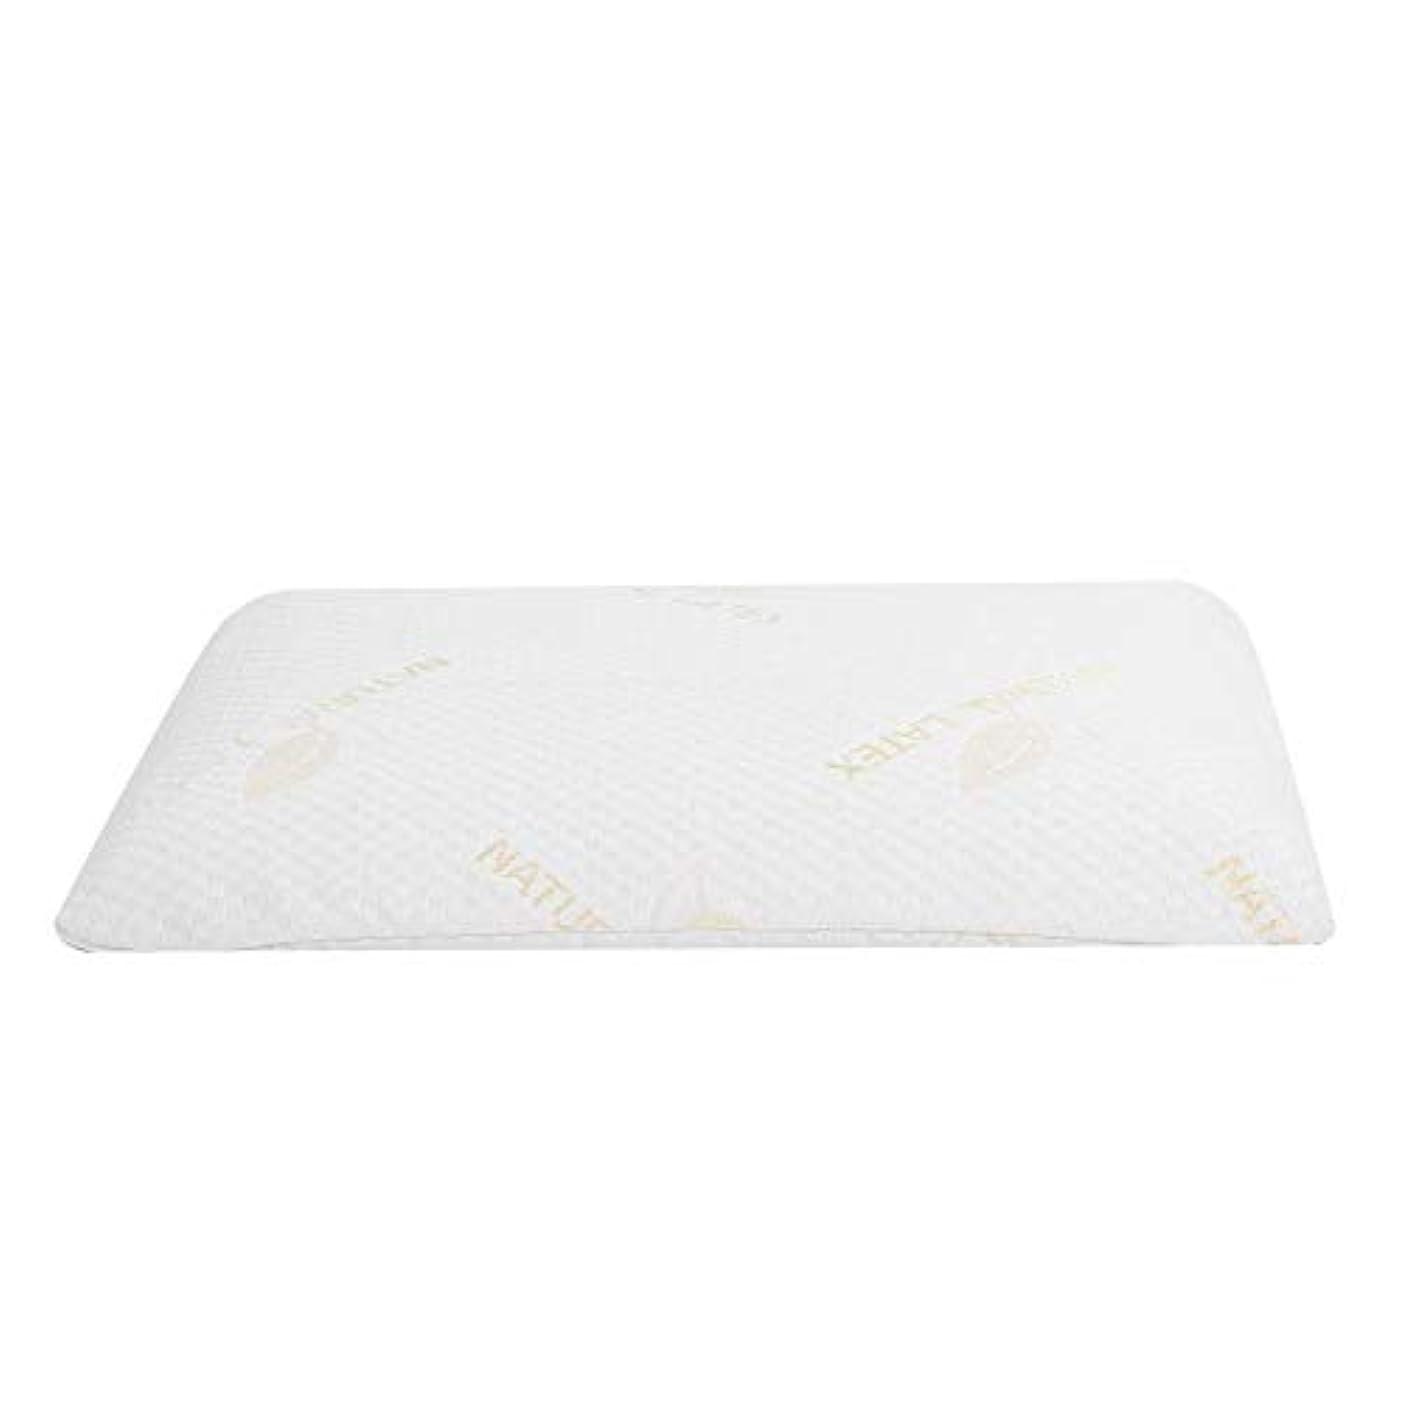 最大ミスたくさんラテックス枕、首と肩の痛みのための睡眠の自然な高い整形外科顆粒マッサージデザインのための豪華な記憶枕